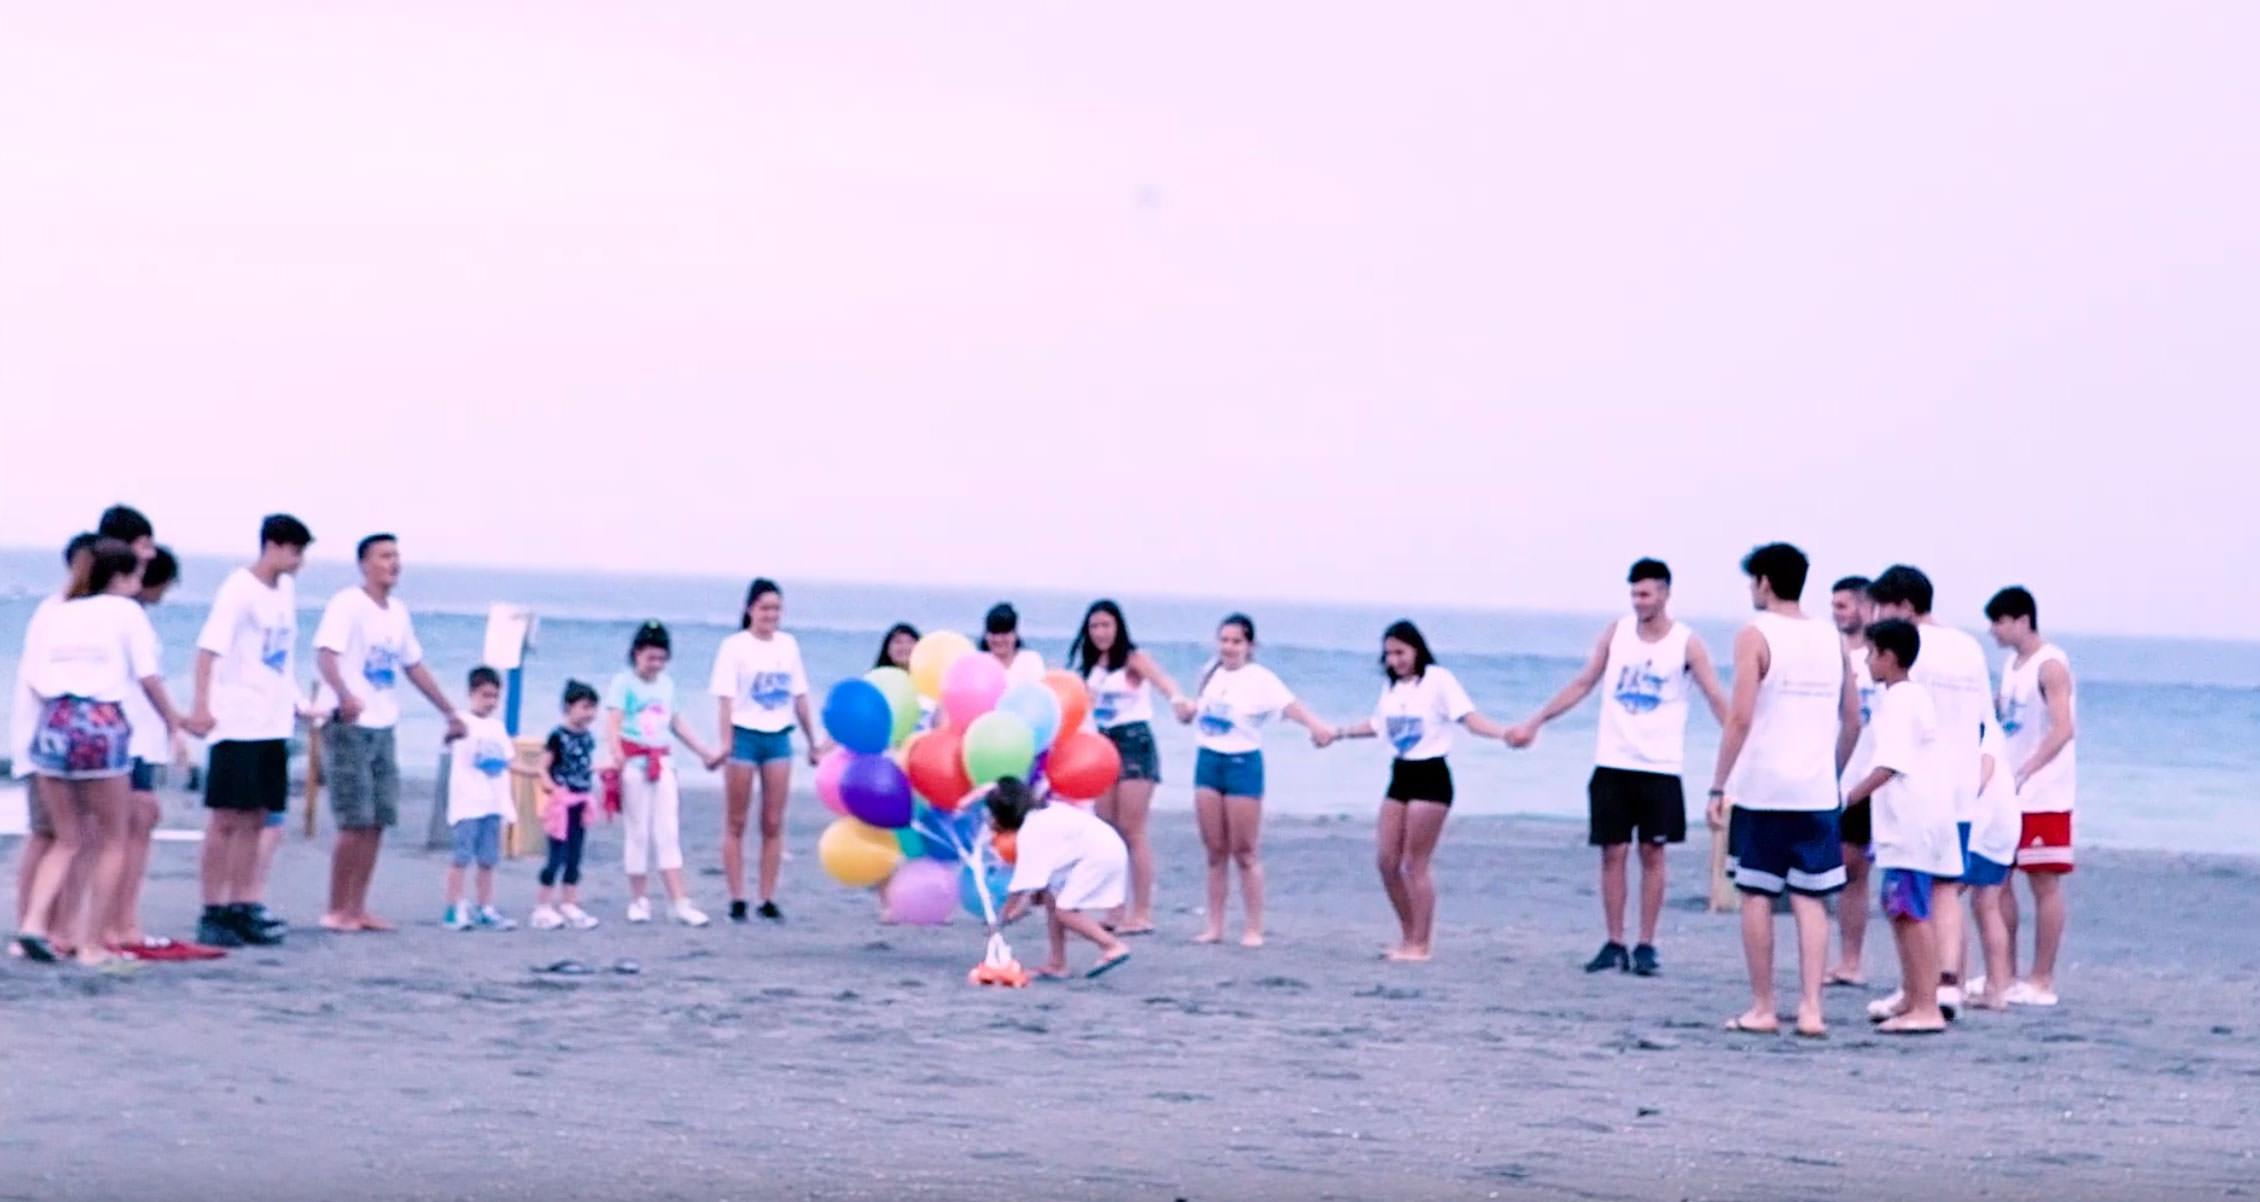 Inaugurazione spiaggia Insieme a Te – 9 luglio 2019 [Video]